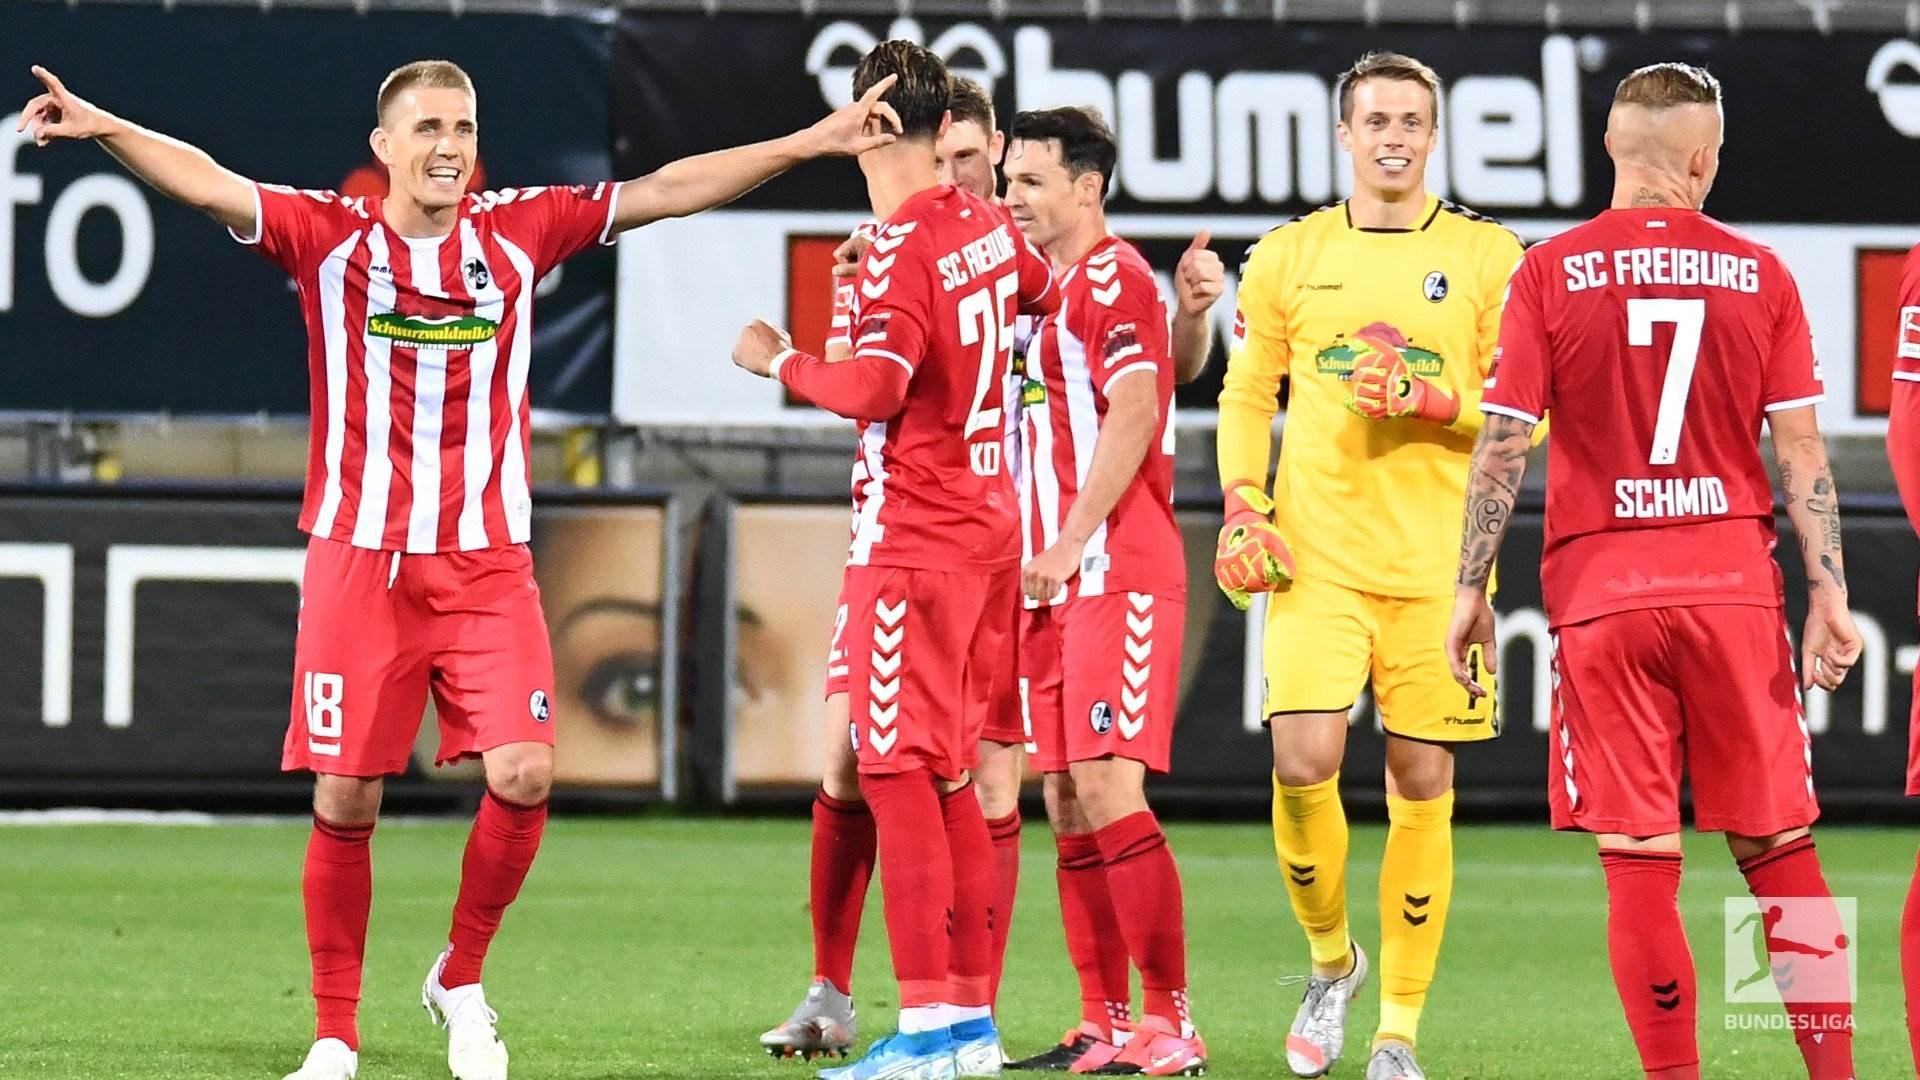 الدوري الألماني: مونشنغلادباخ يسقط أمام فرايبروغ